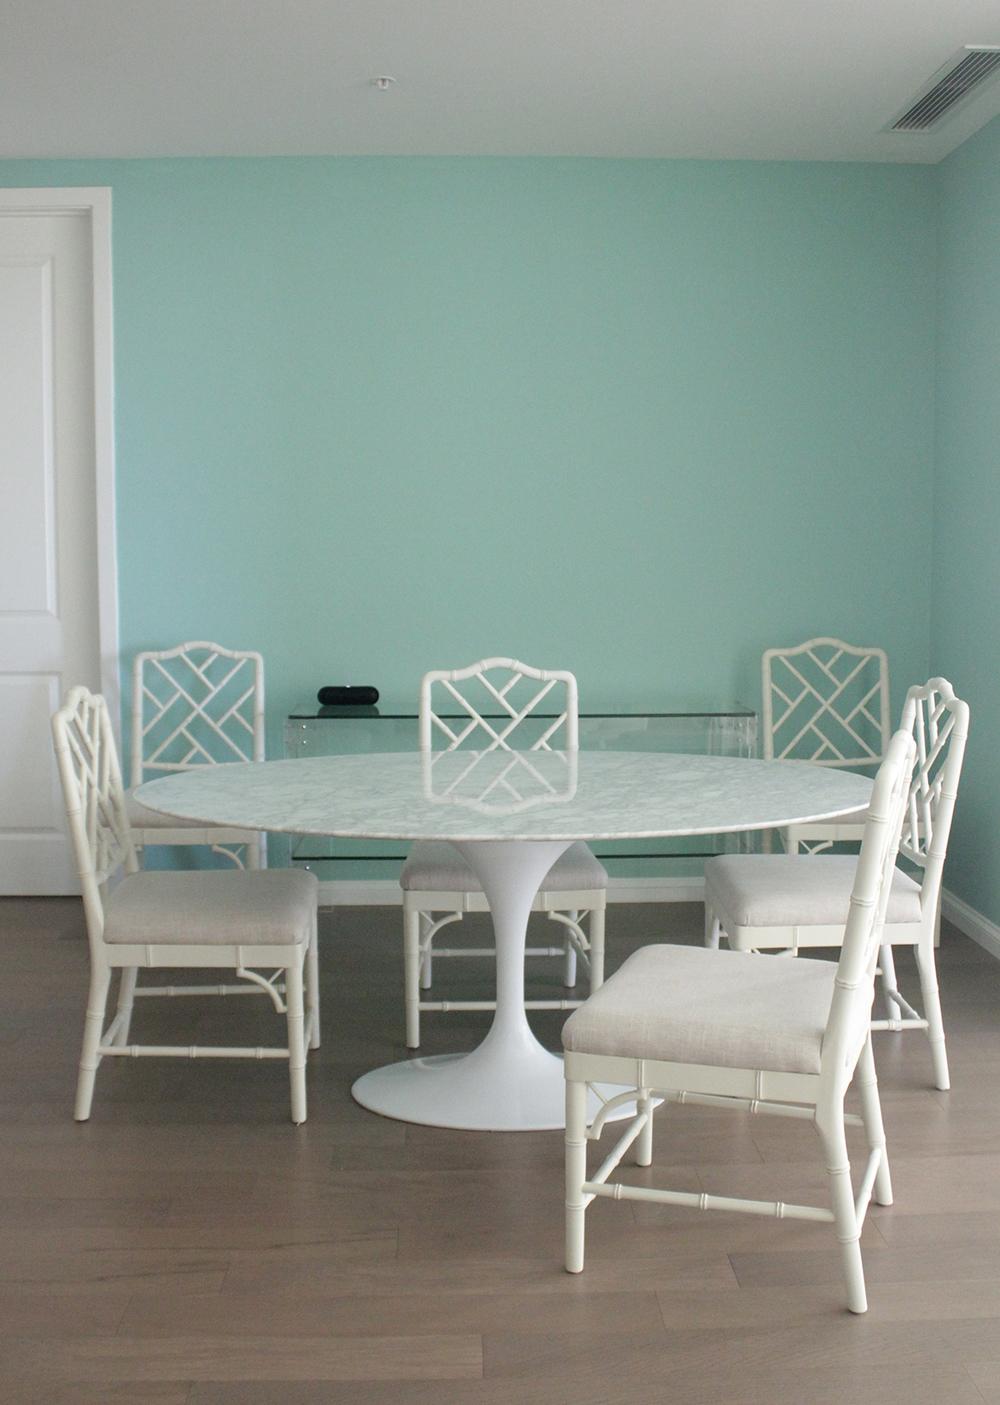 Rove Concepts Giveaway Jana Bek Design - Rove concepts saarinen table